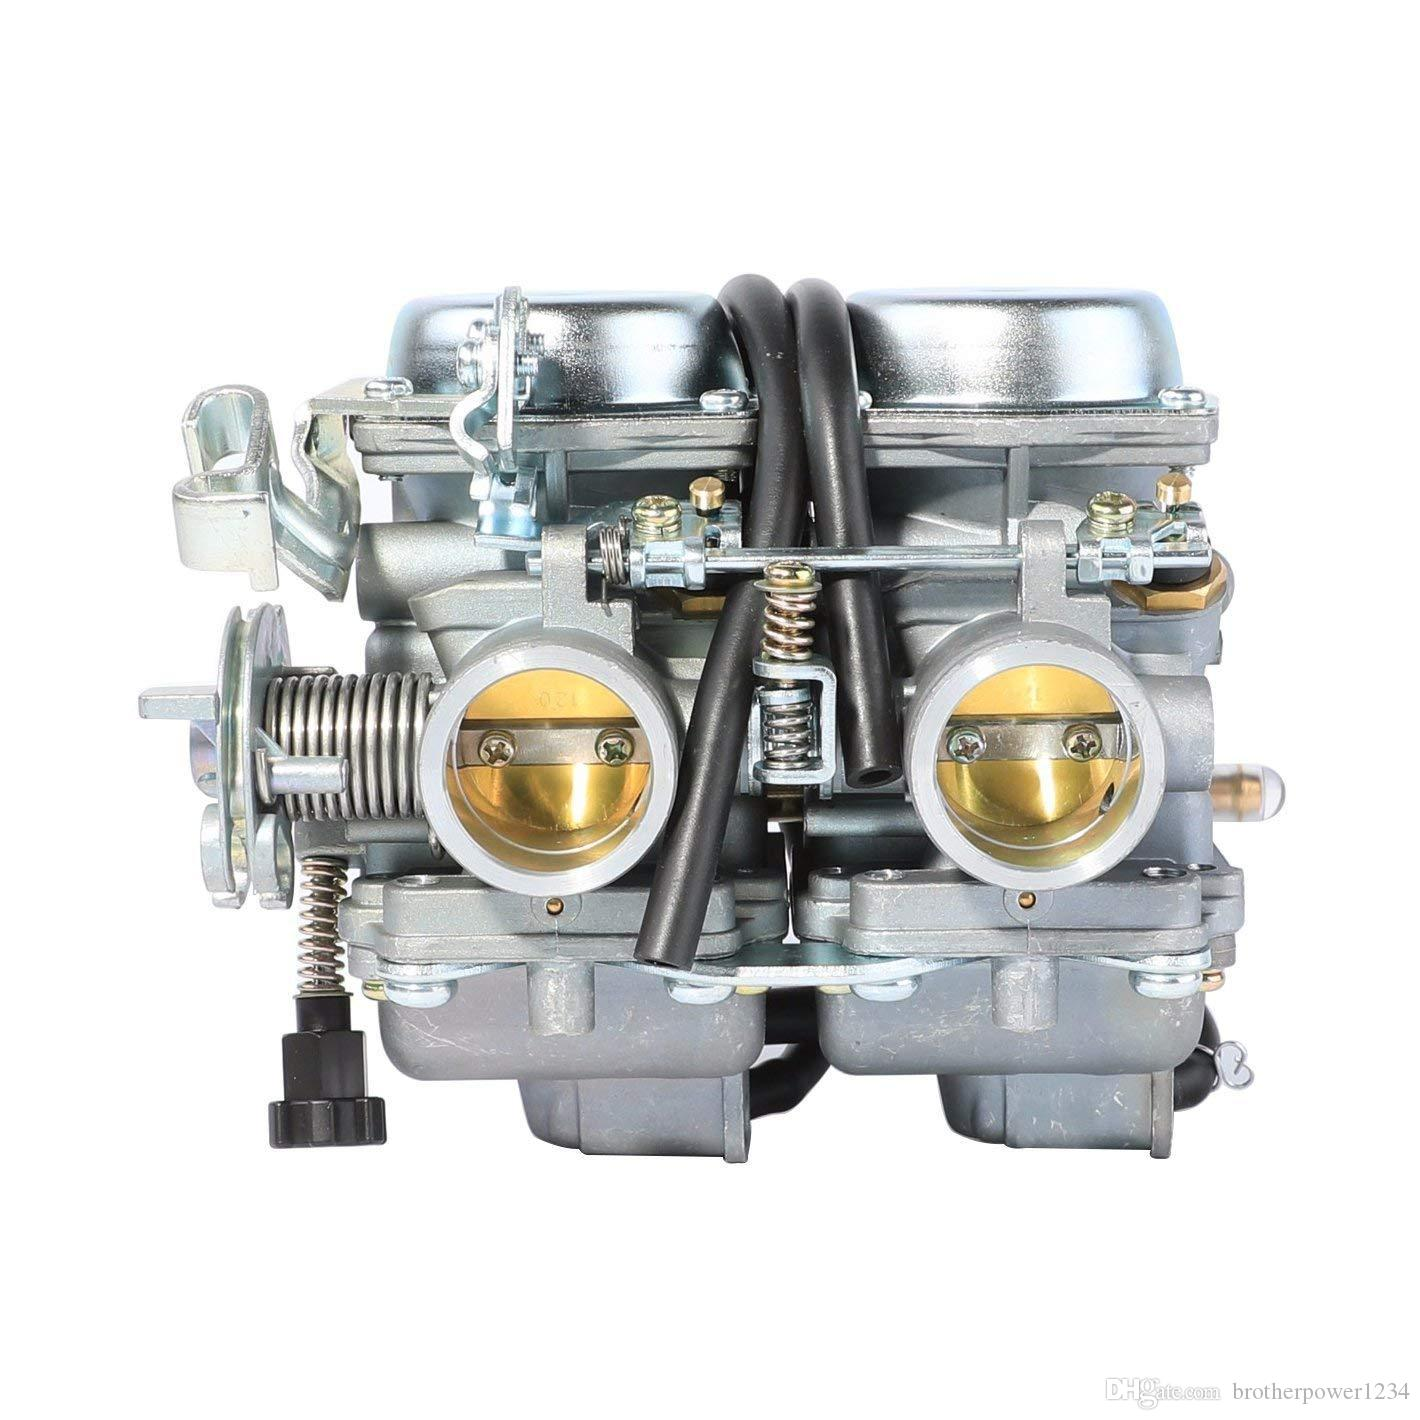 PD26JS 26mm carburador Para CB125 motor 250 Cl125-3 china Regal Raptor Dos cilindros CA250 CMX250 1996-2011